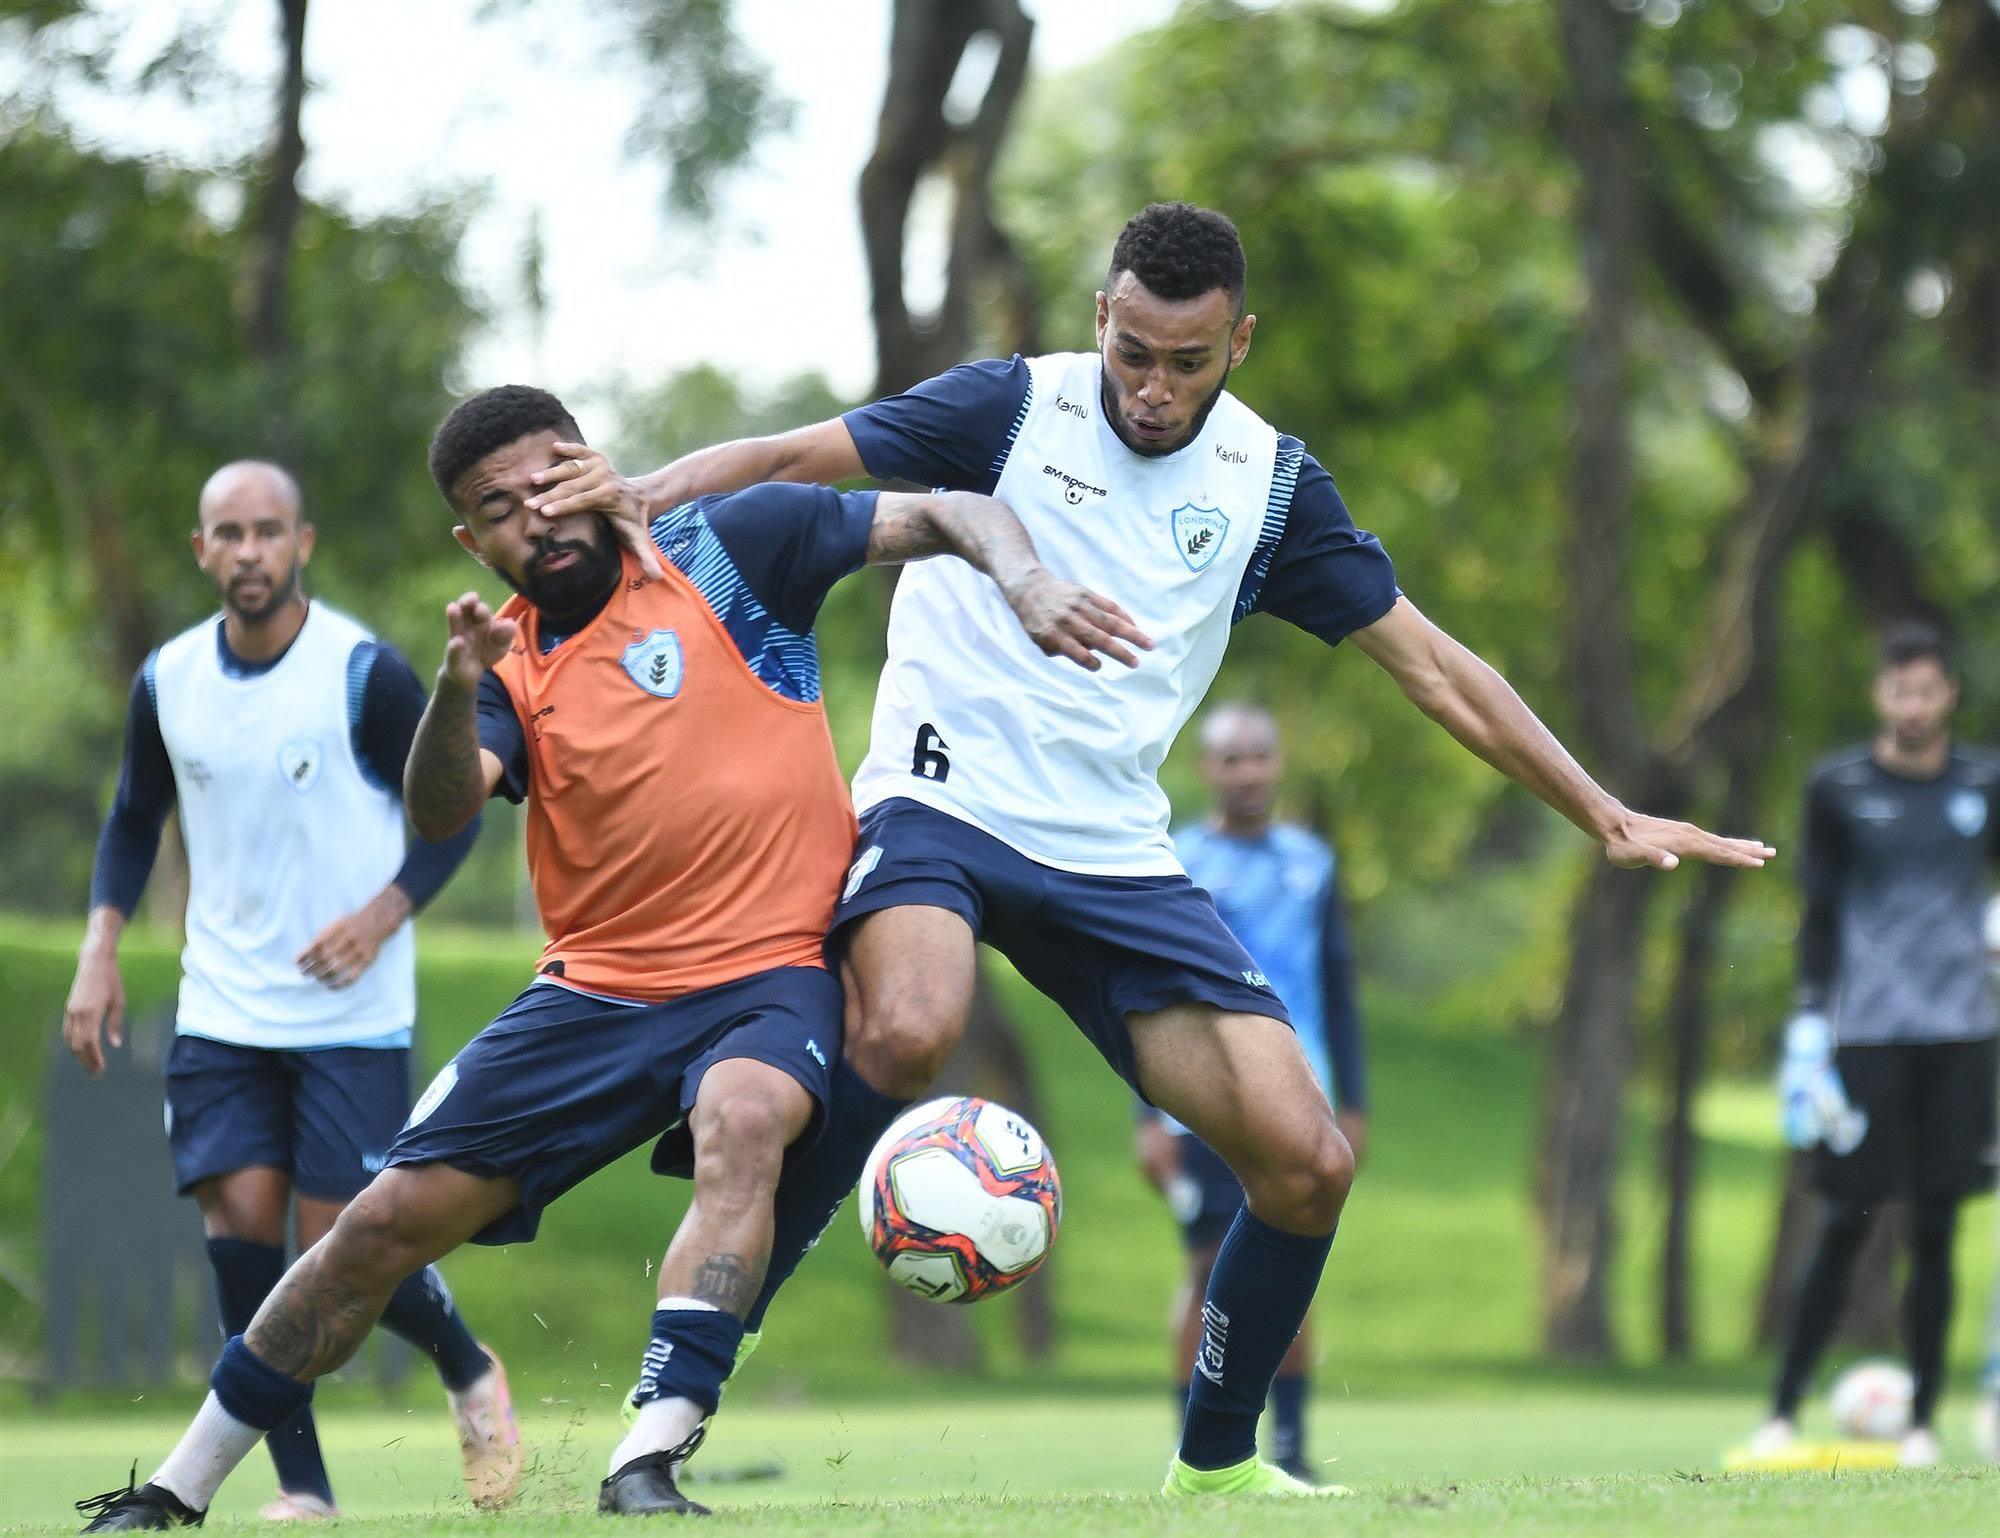 Londrina segue em busca da primeira vitória no campeonato Paranaense. Foto: Gustavo Oliveira/LEC